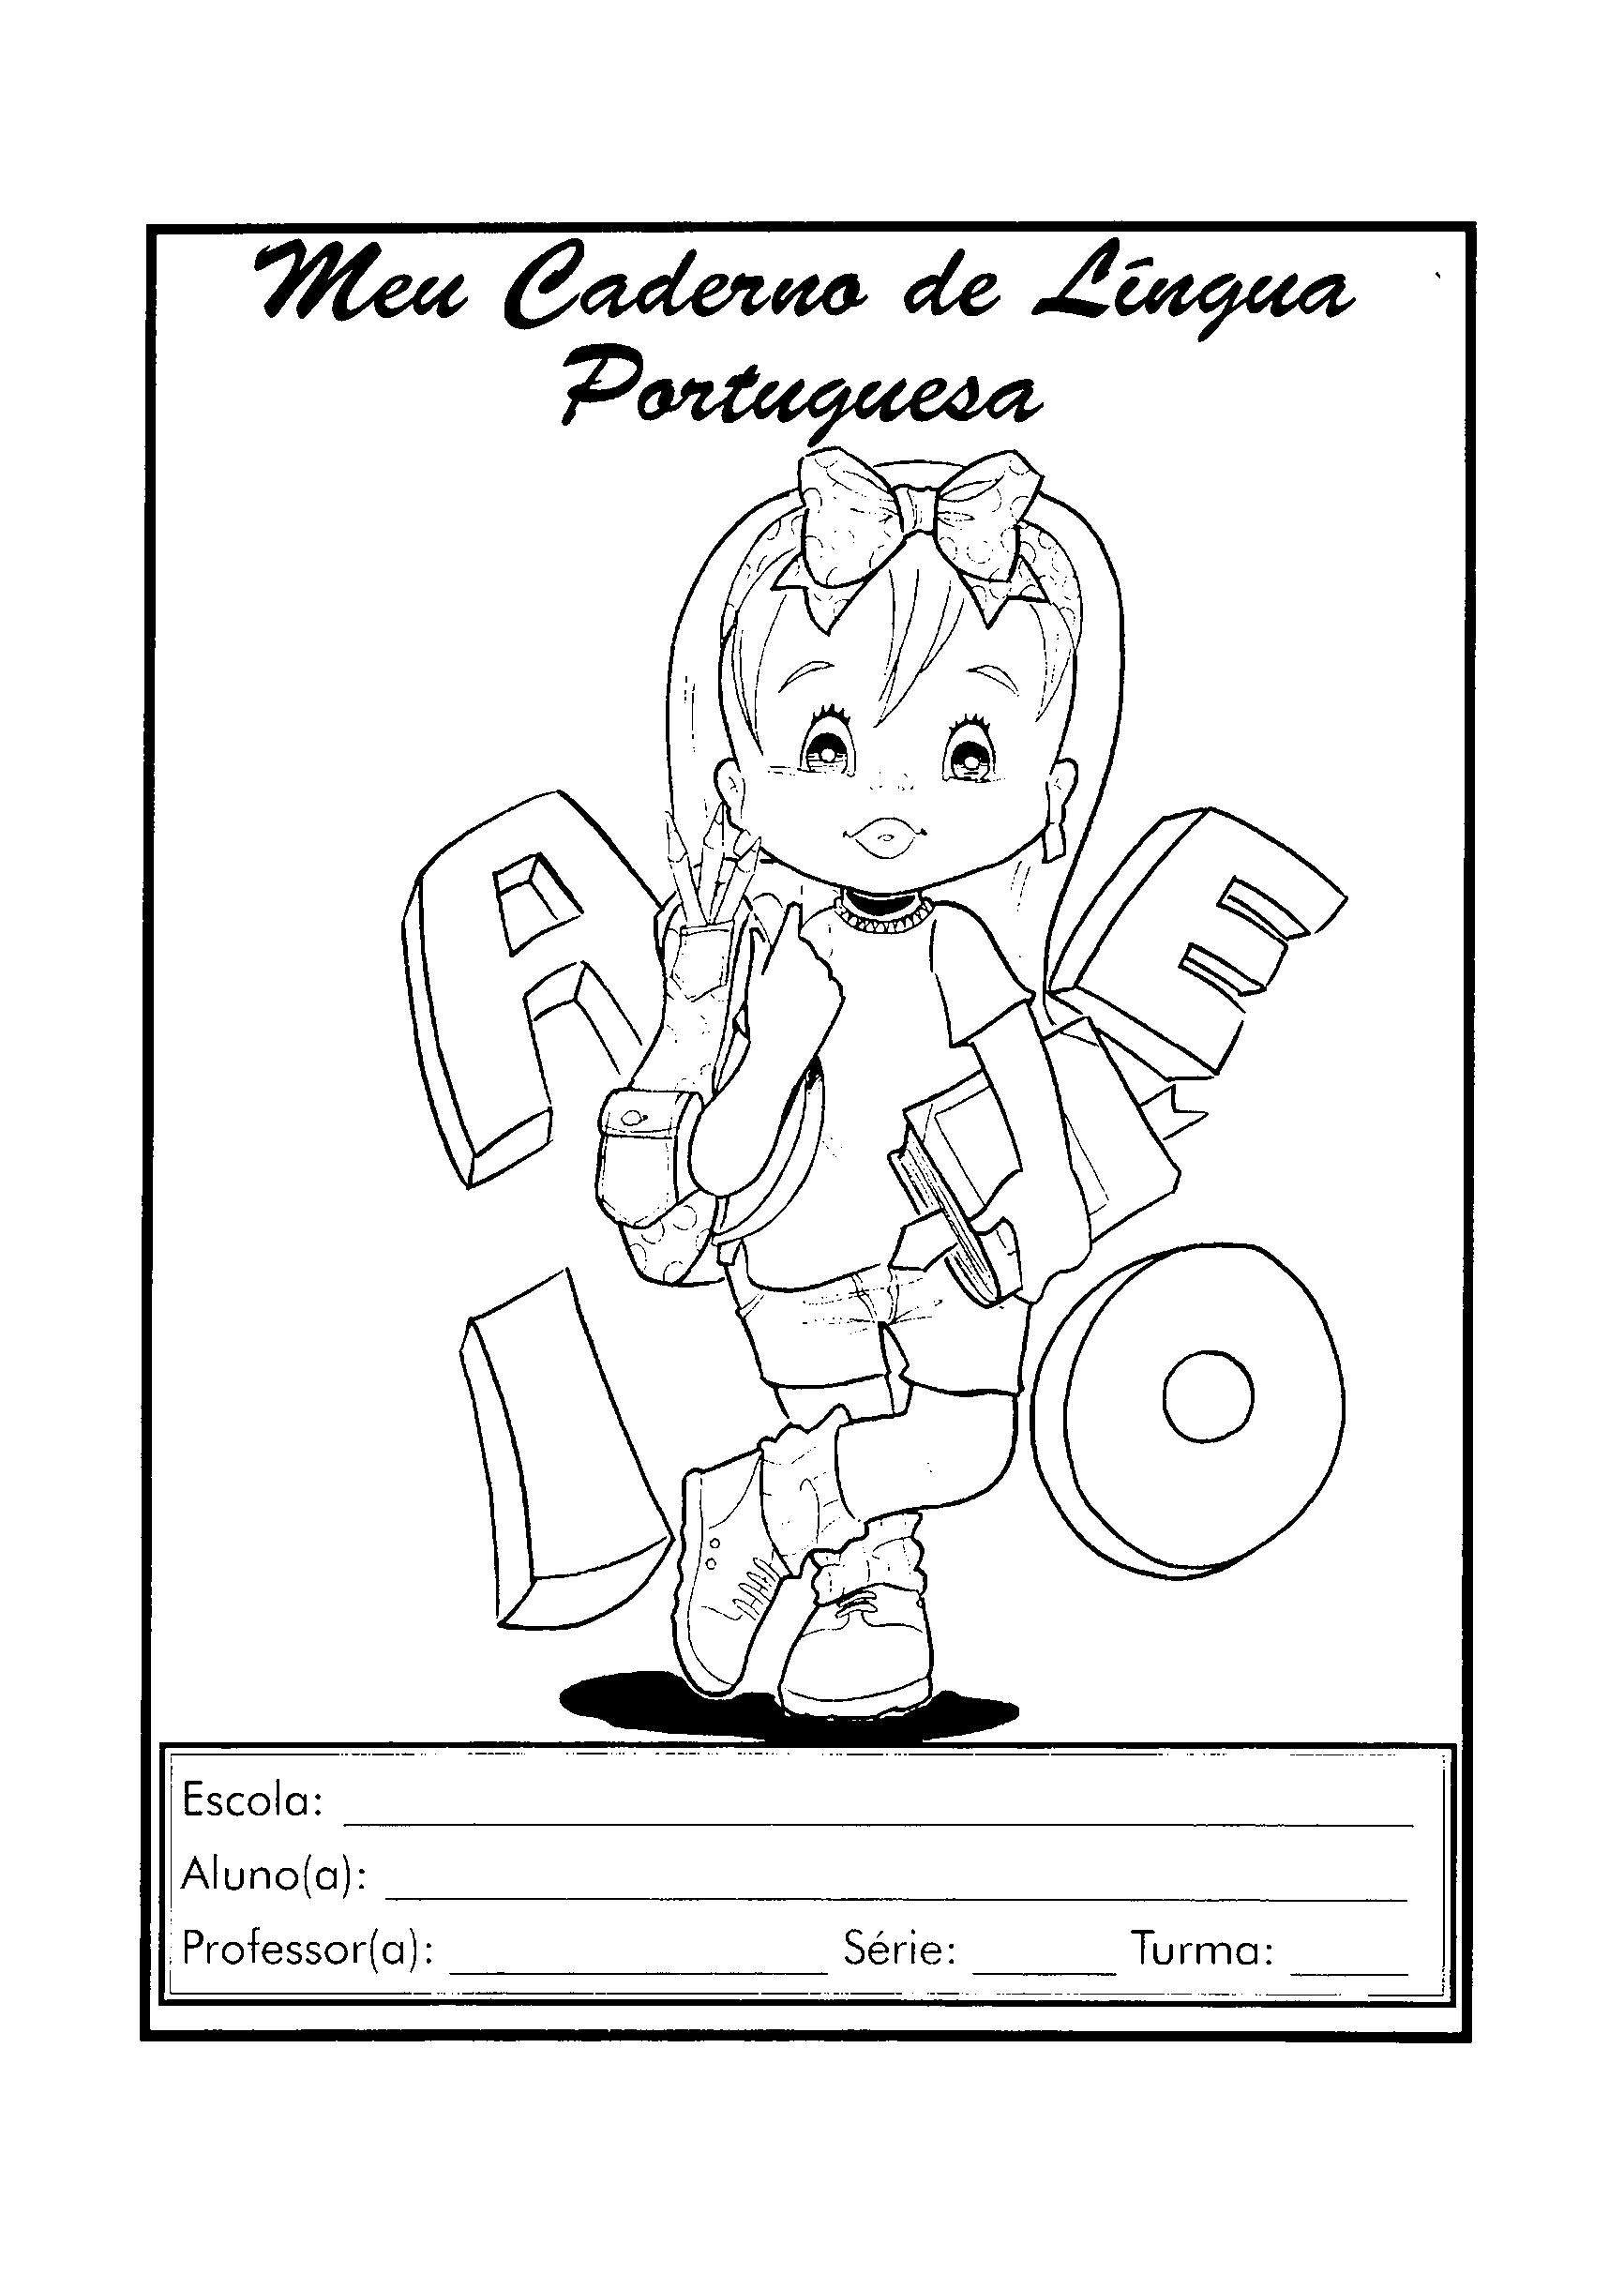 capa-caderno-potugues